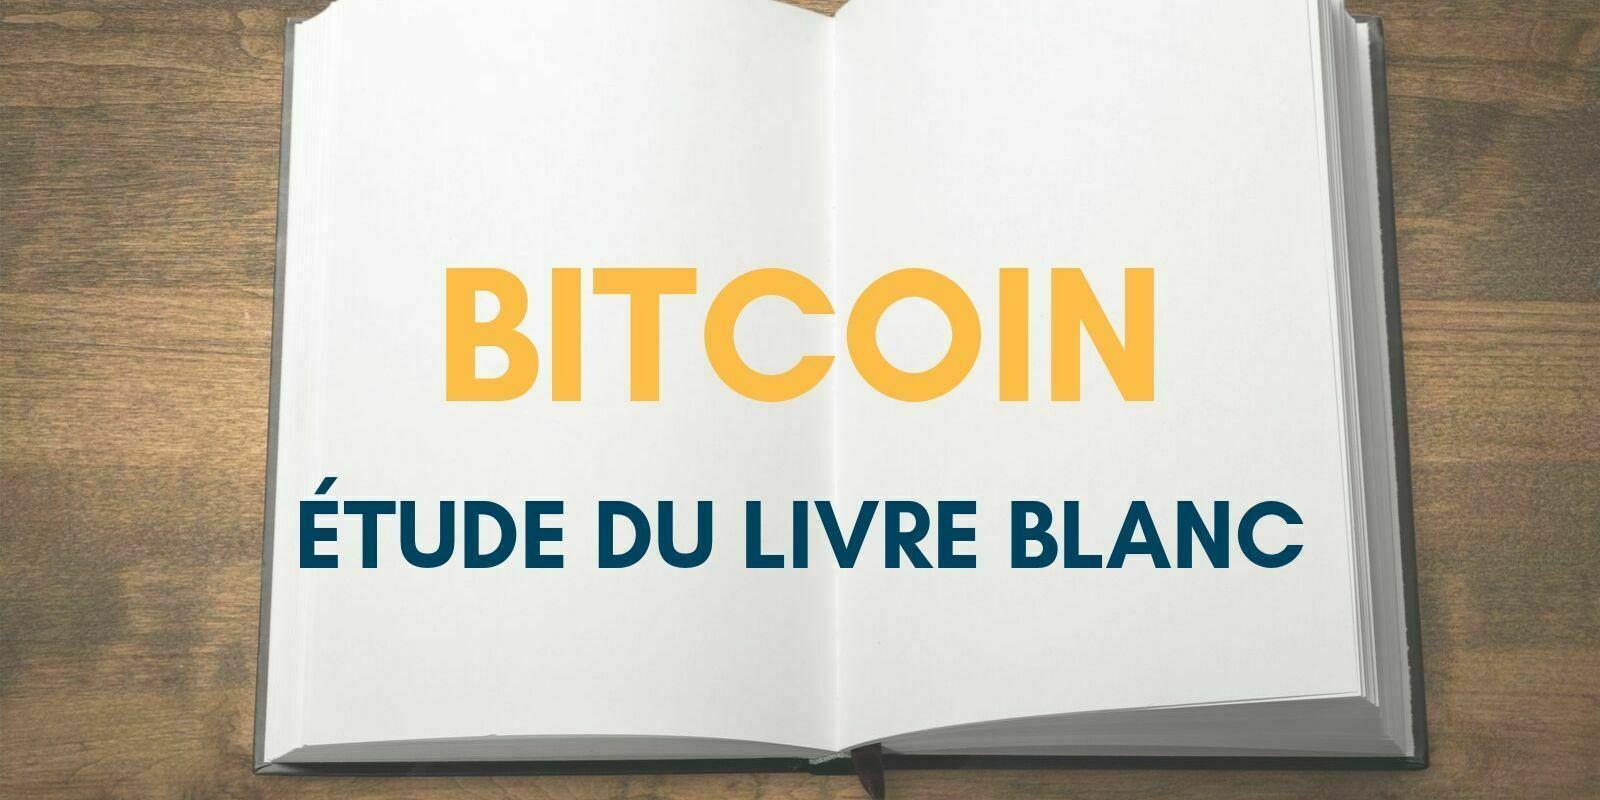 Bitcoin Une Etude Du Livre Blanc Fondateur Cryptoast